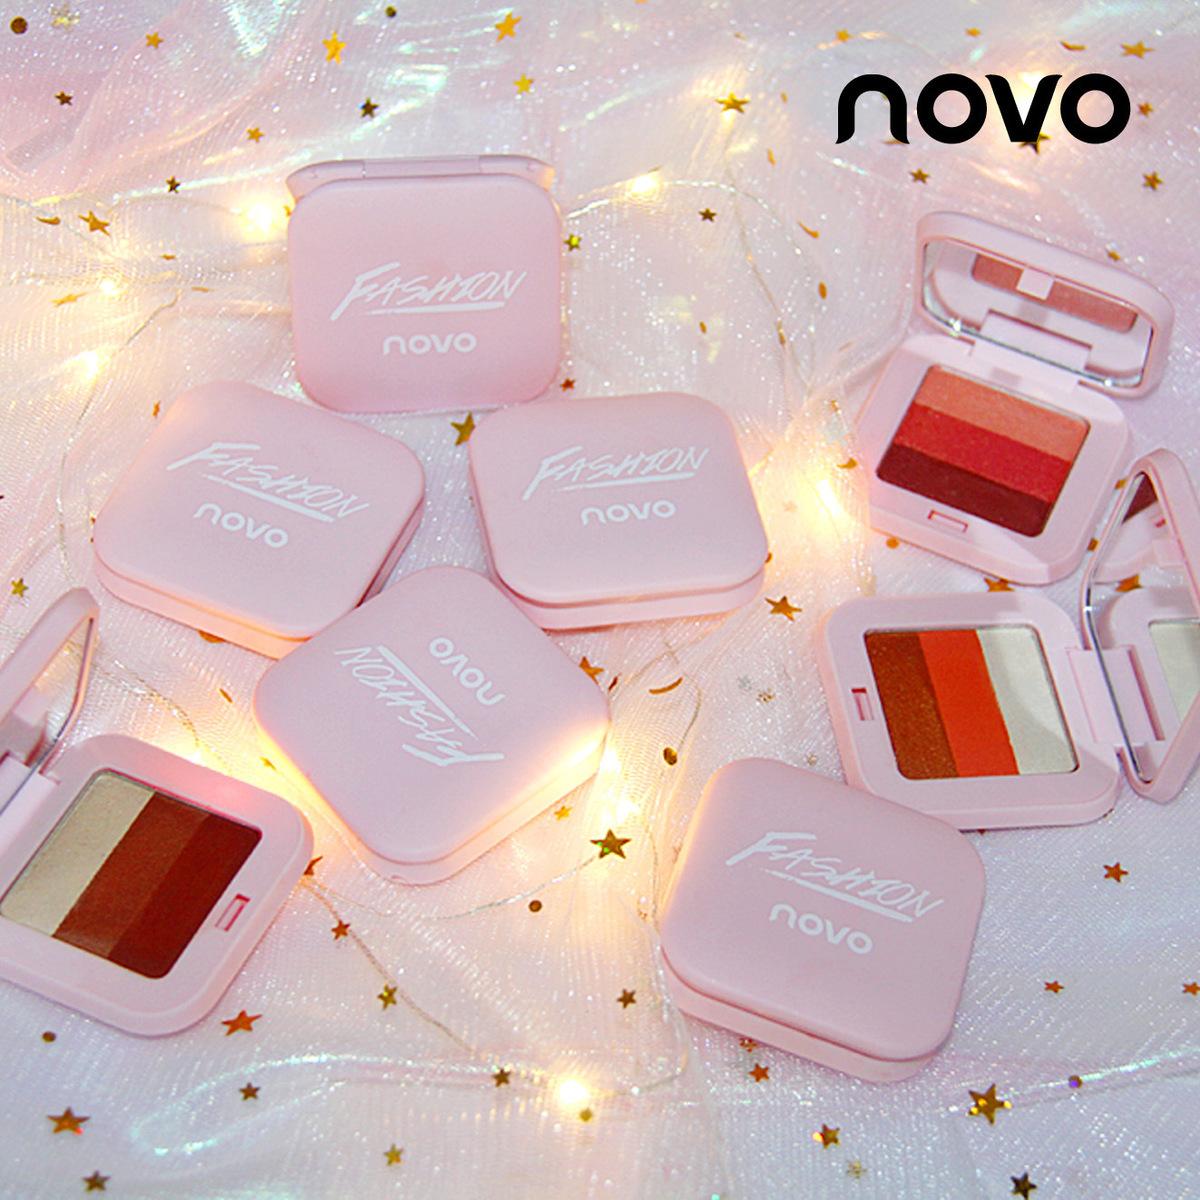 正品NOVO 灵动三色渐变眼影 立体妆容 8种组合色可选女生美妆工具